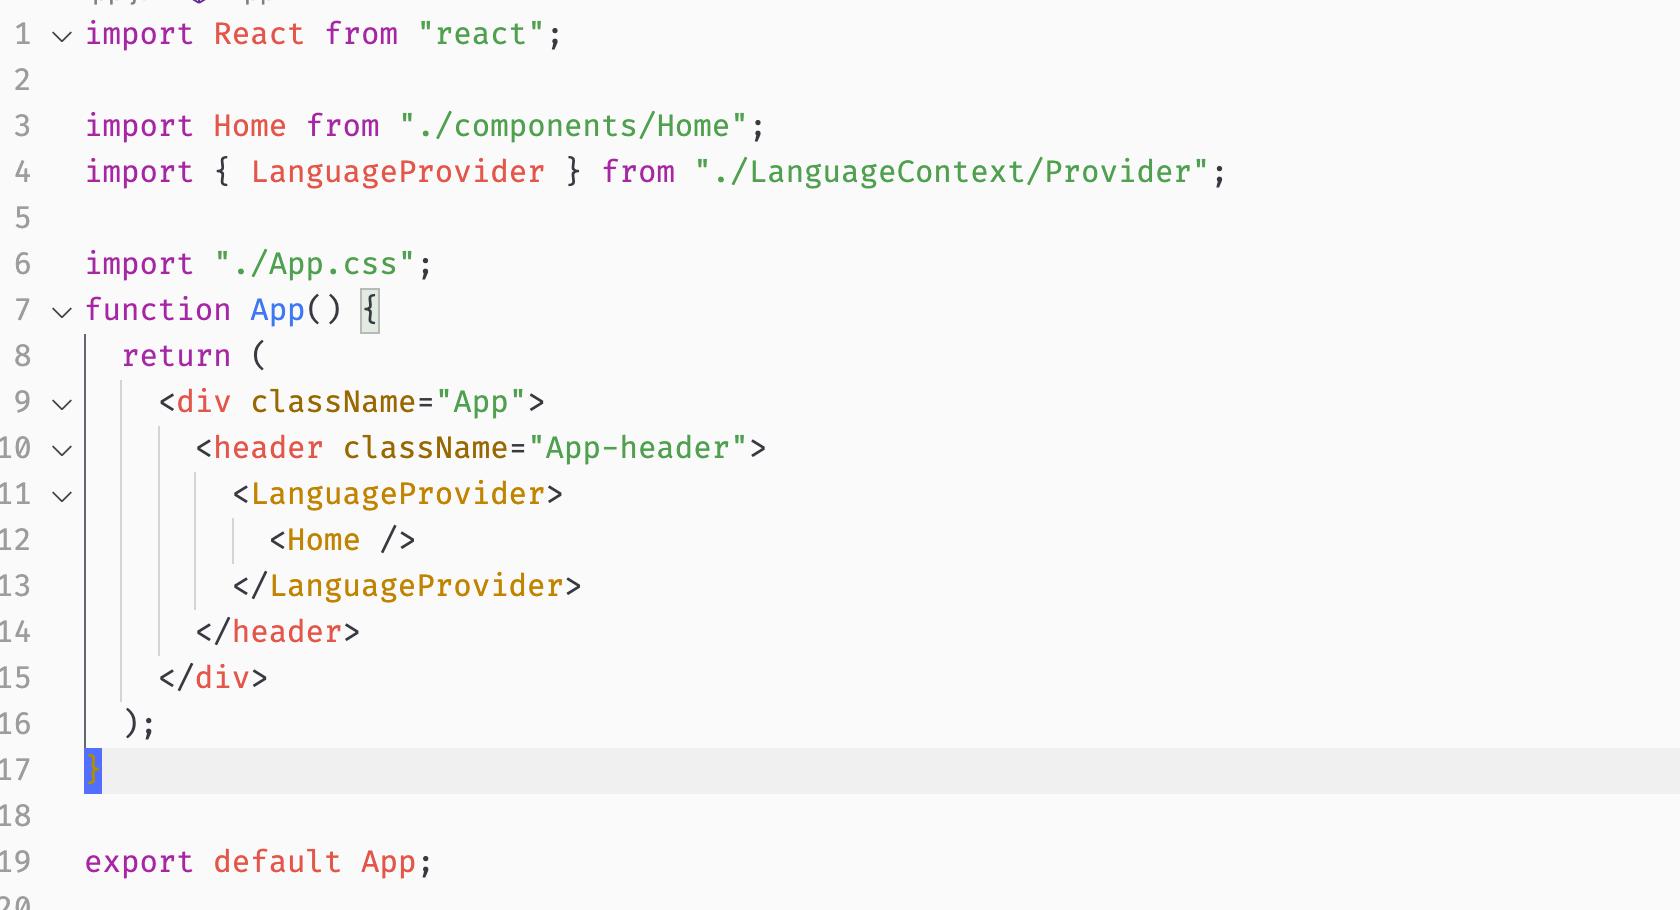 Wrap LanguageProvider at Root